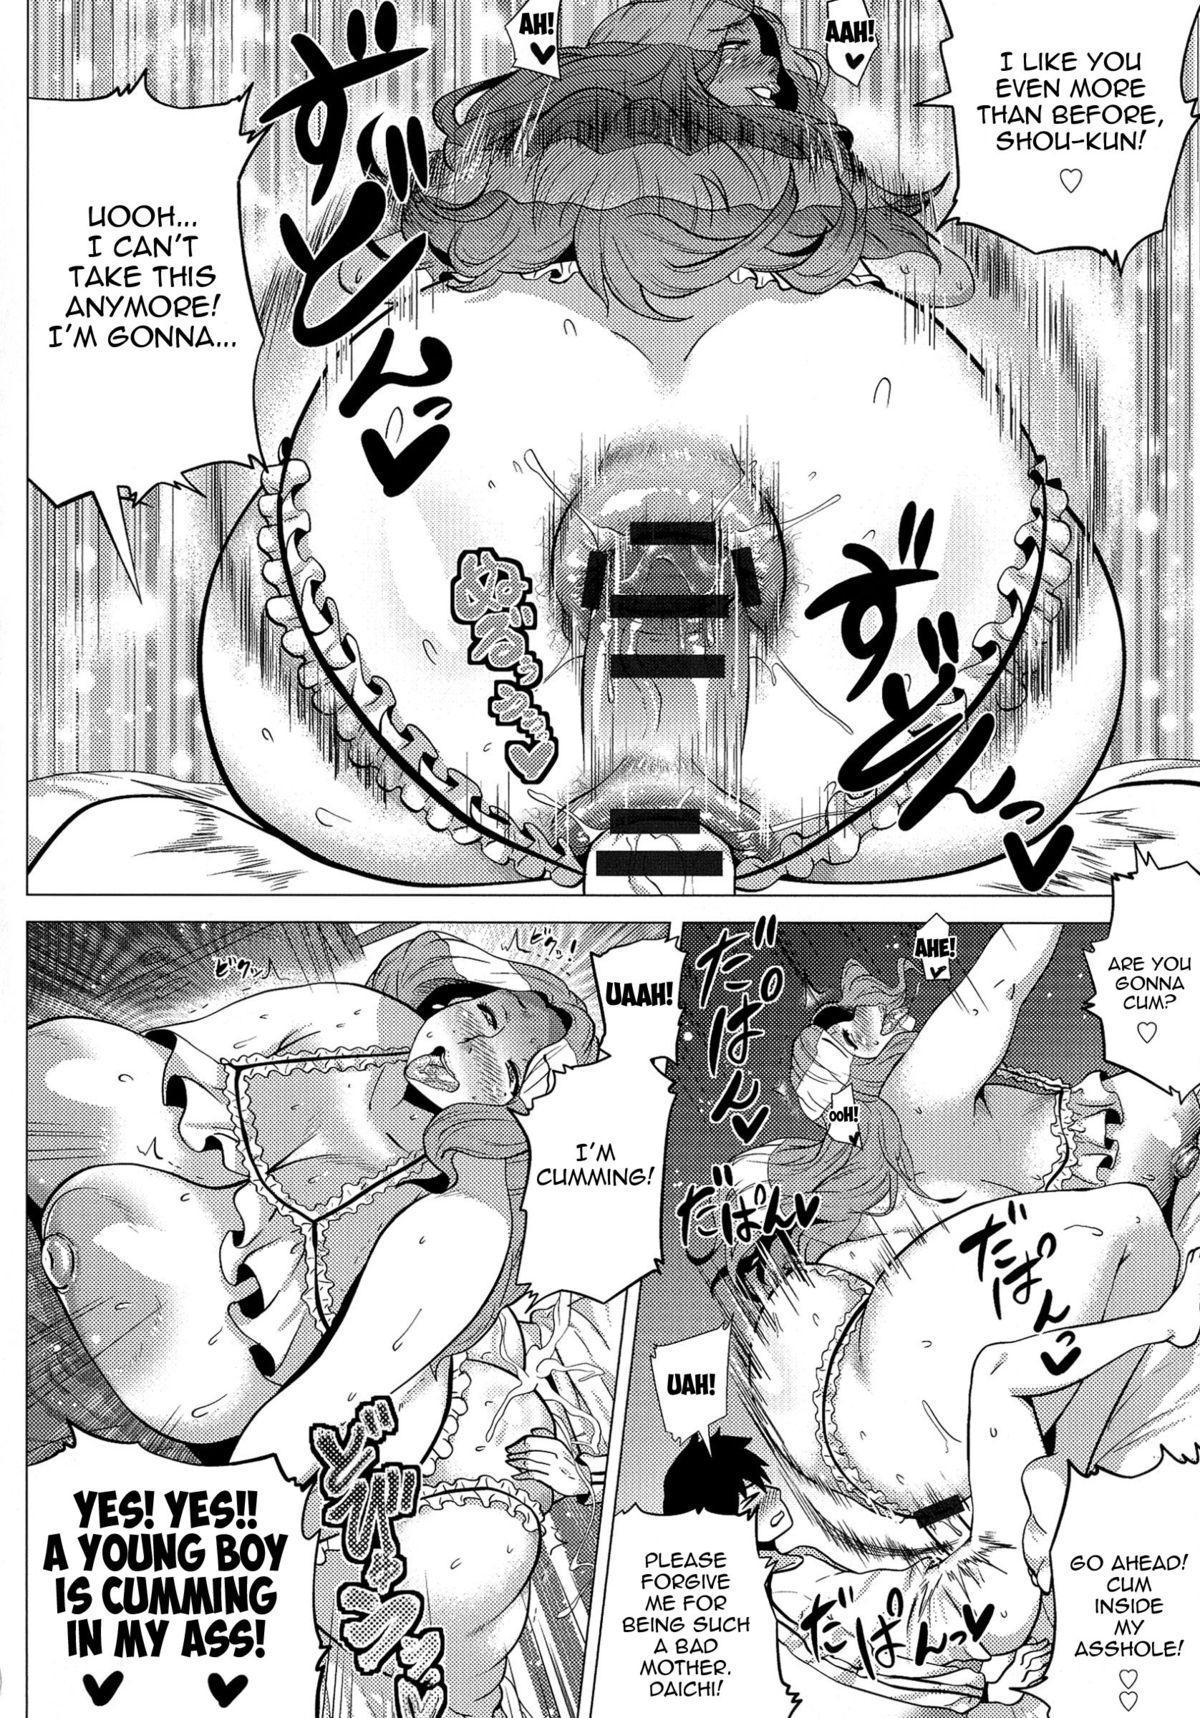 [Yokkora] Megabody Night ~Watashi no Oniku wo Meshiagare~ | Megabody Night ~My voluptuous body & mom love~ [English] {Laruffi + desudesu + EHCOVE} 80